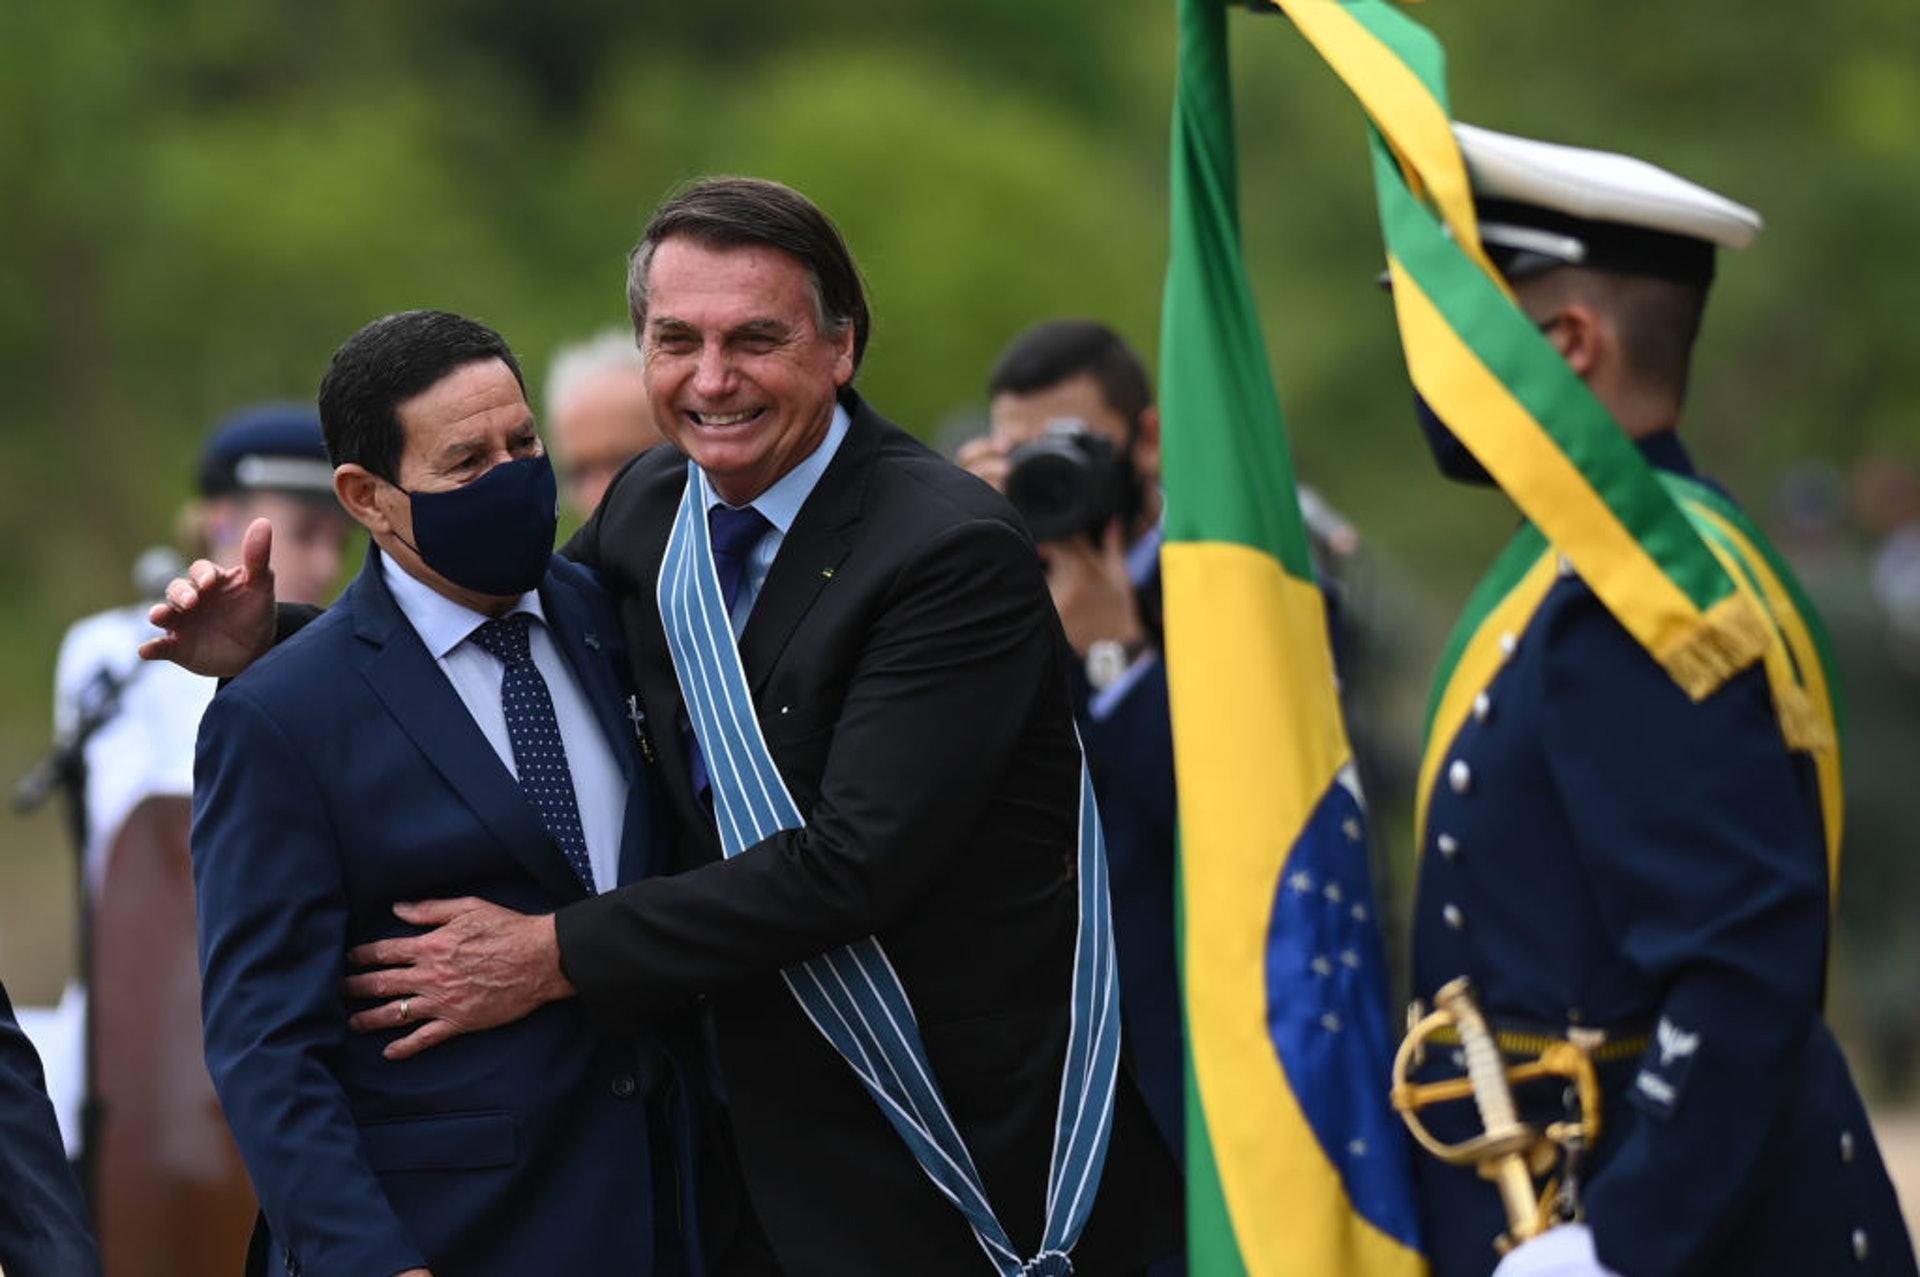 圖為巴西總統博爾索納羅(Jair Bolsonaro,右)10月22日在巴西利亞擁抱副總統莫朗(左)。(Getty)